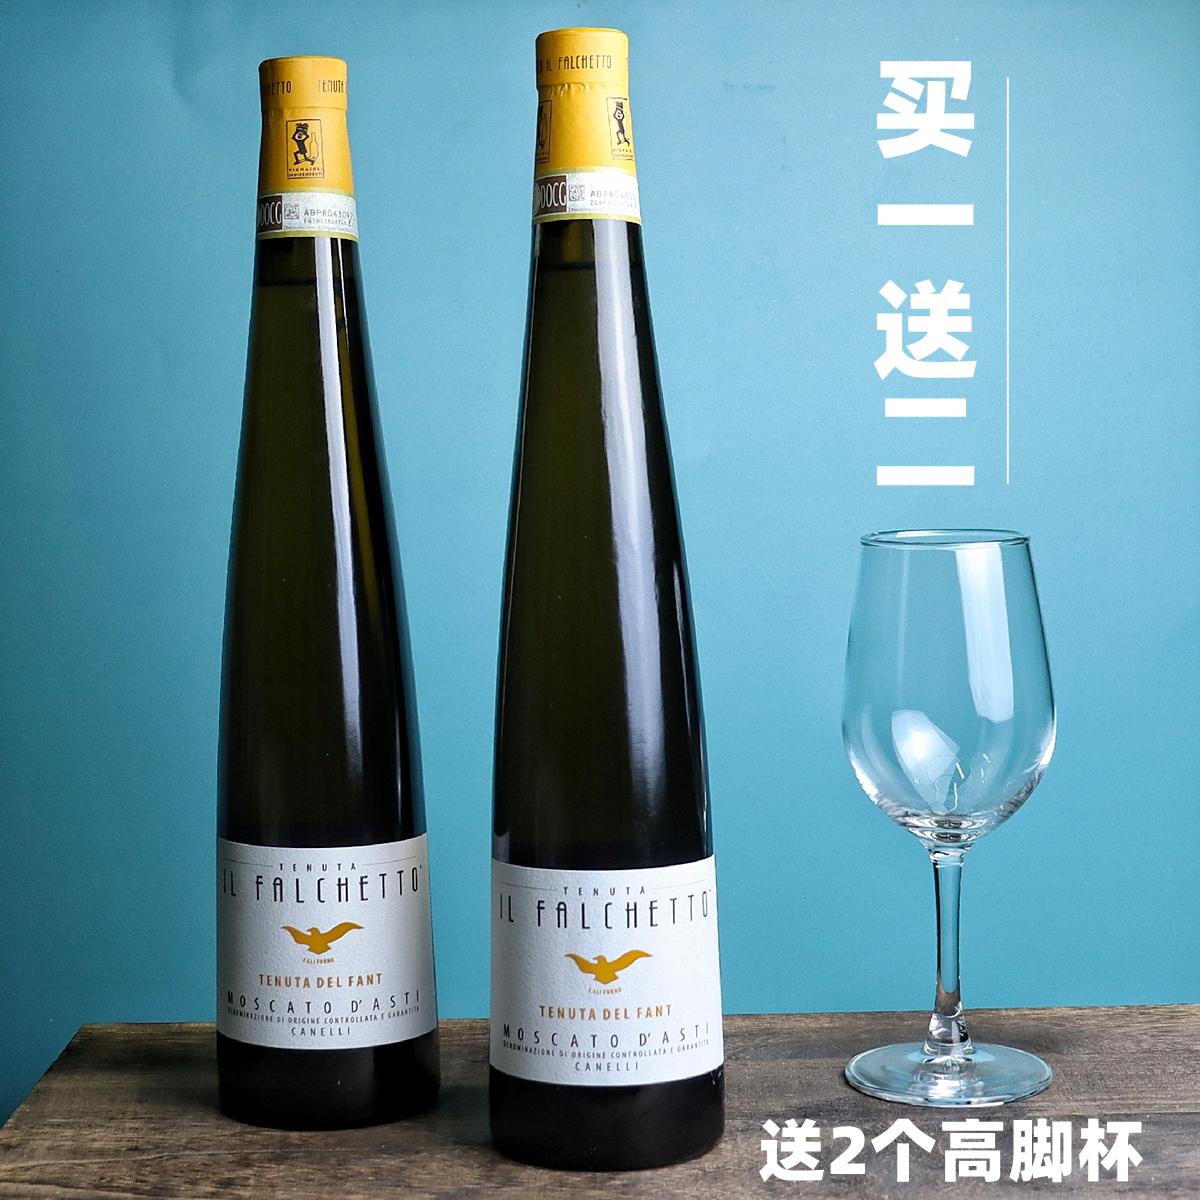 特惠2瓶装#意大利法尔凯特小鹰Asti莫斯卡托阿斯蒂甜起泡白葡萄酒